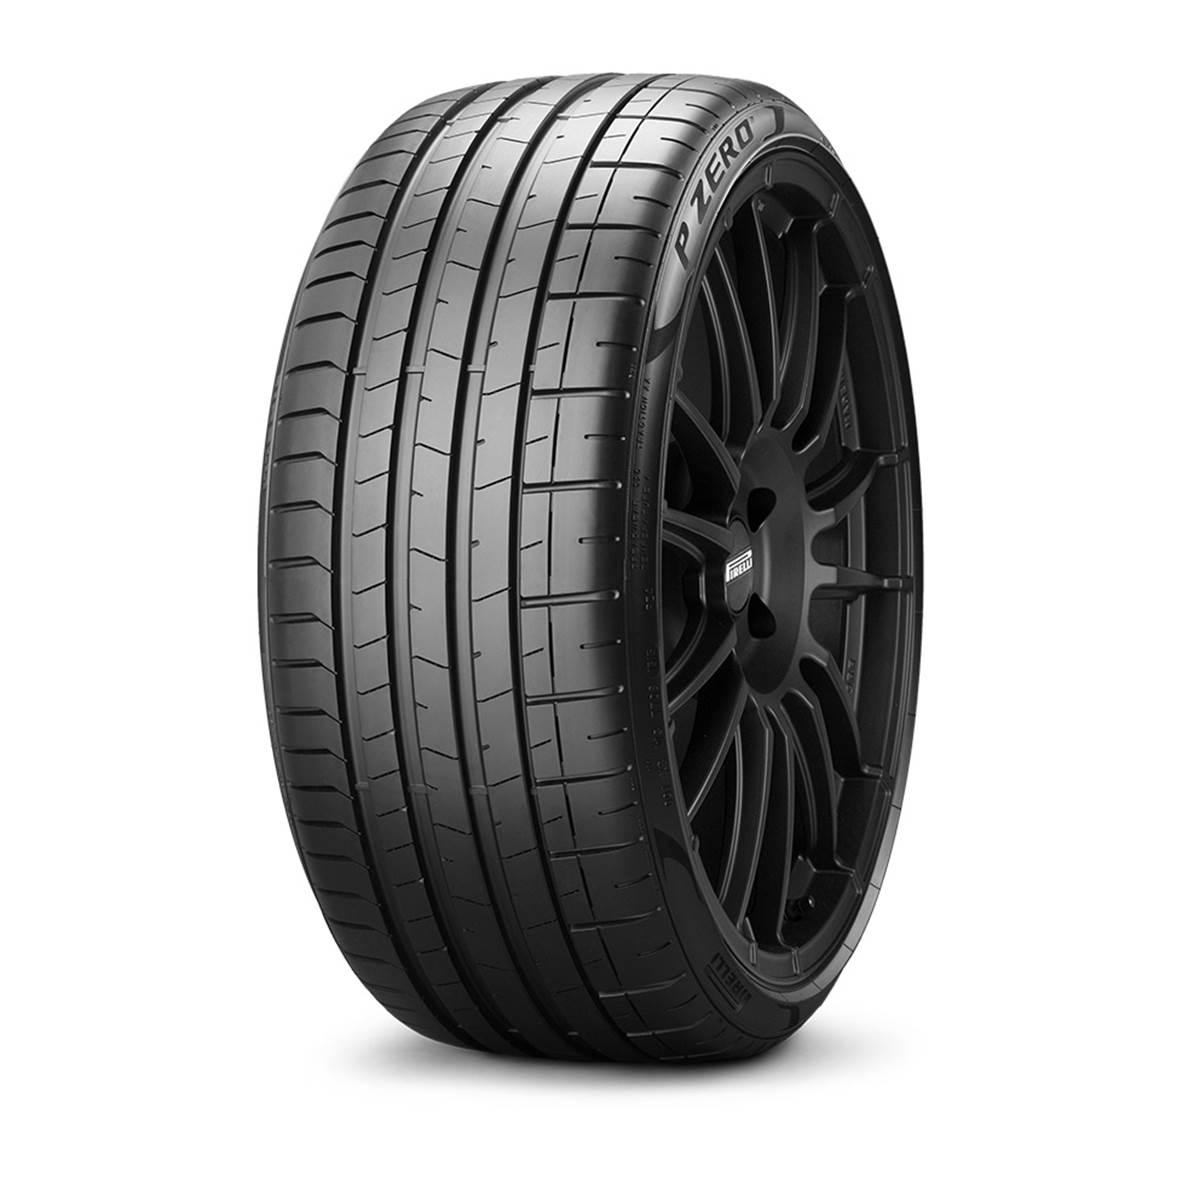 Pneu Pirelli 275/40R19 105Y Pzero XL